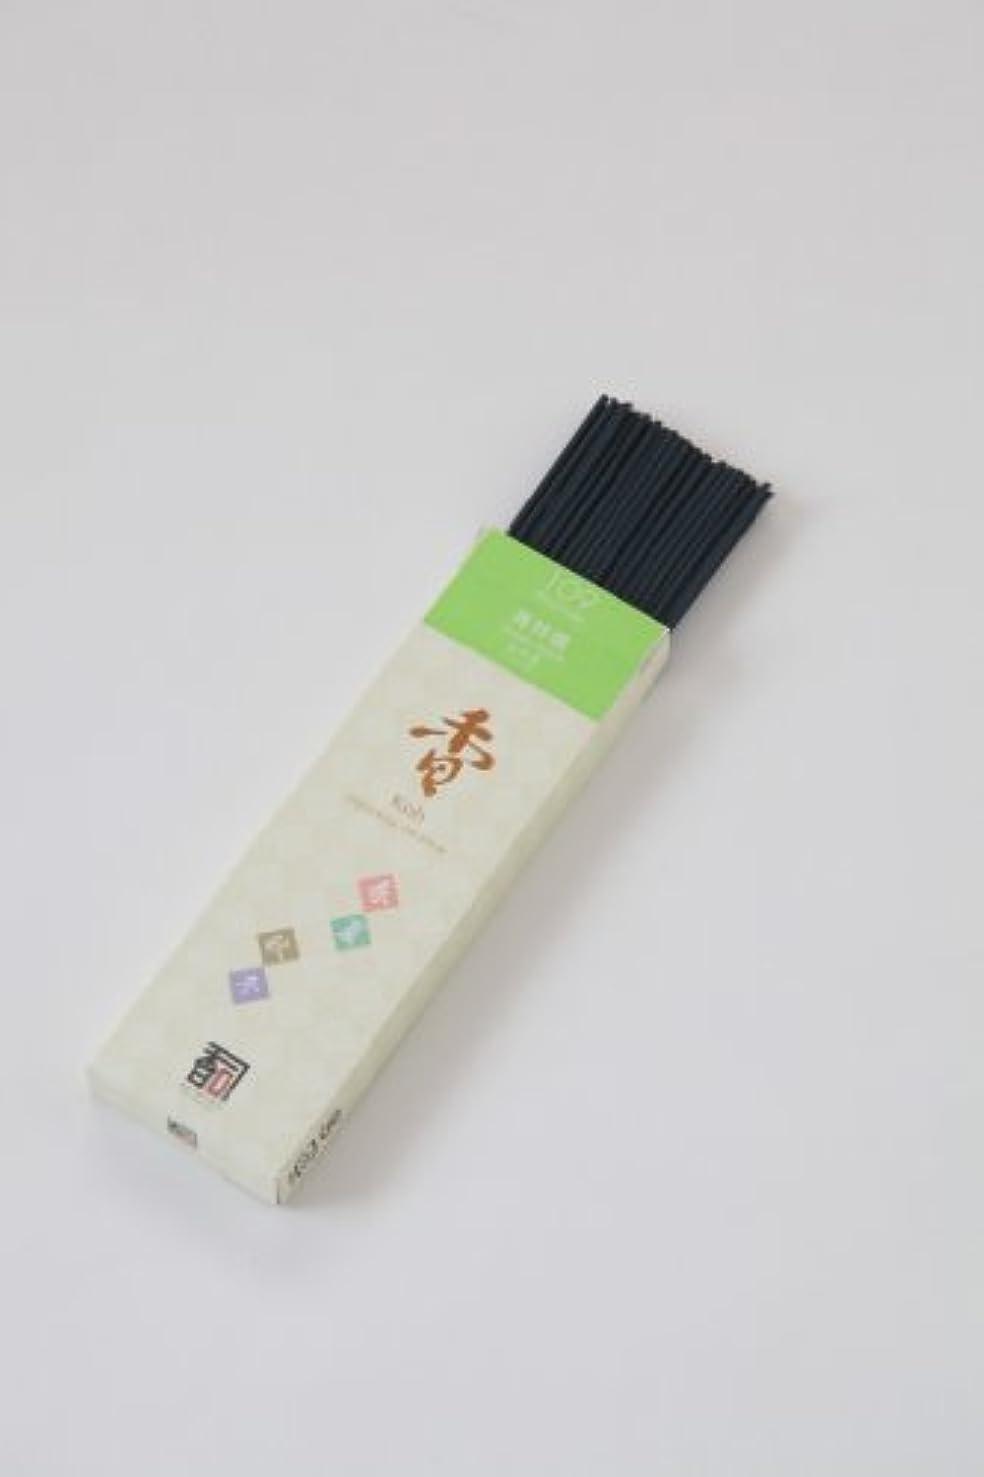 溶けた電圧読みやすさ「あわじ島の香司」 日本の香りシリーズ (春夏秋冬) 【109】  ◆青林檎◆